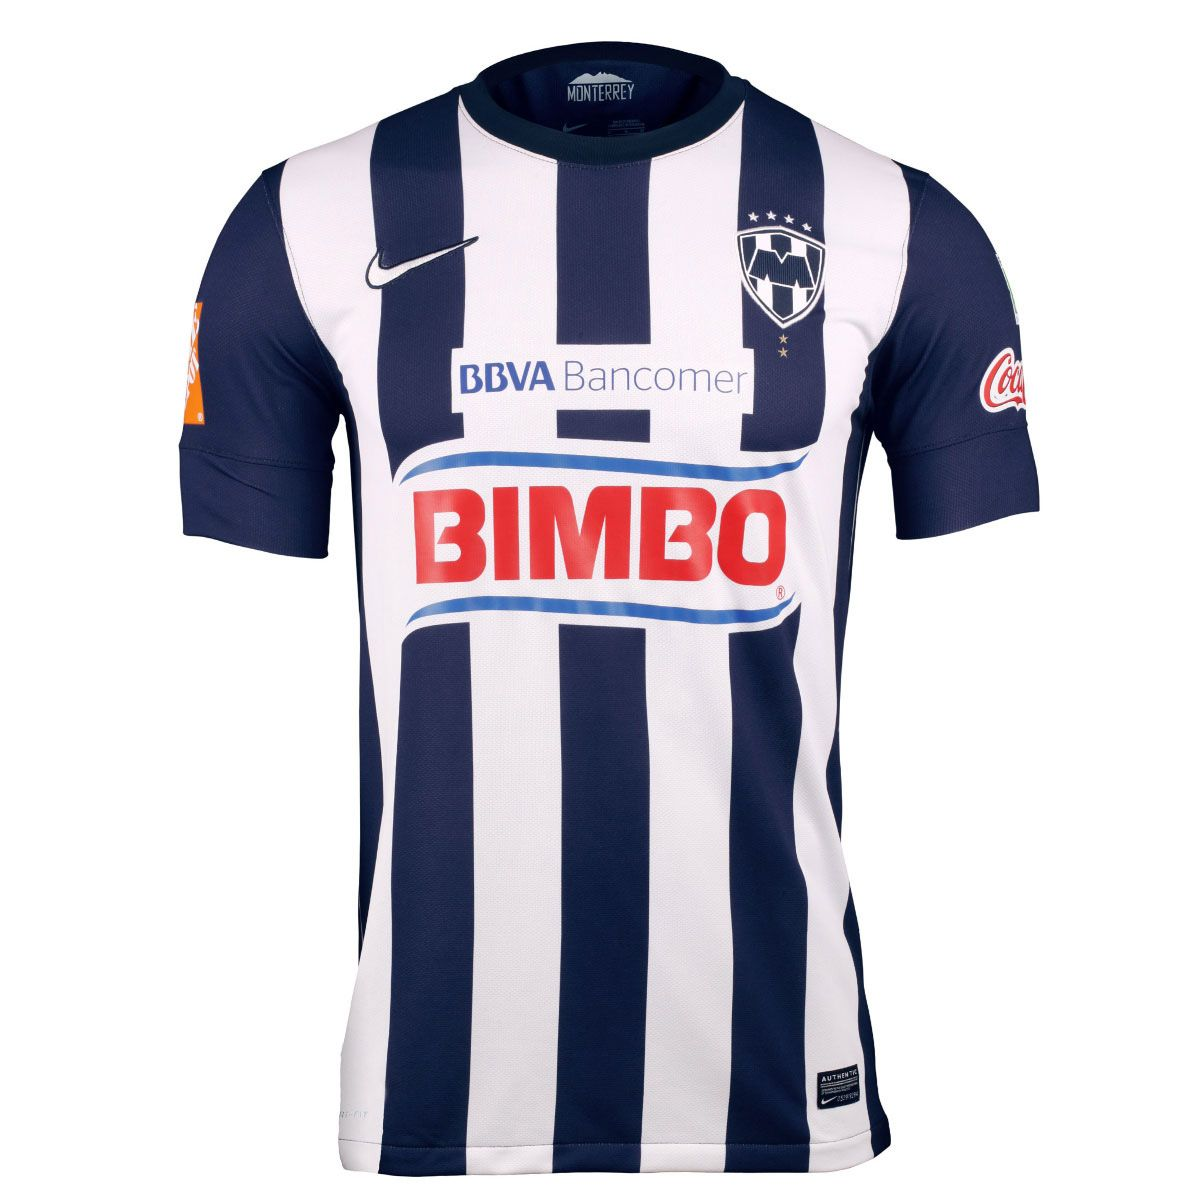 Jersey Nike Monterrey Casa 12 13  c27e36ee8976a